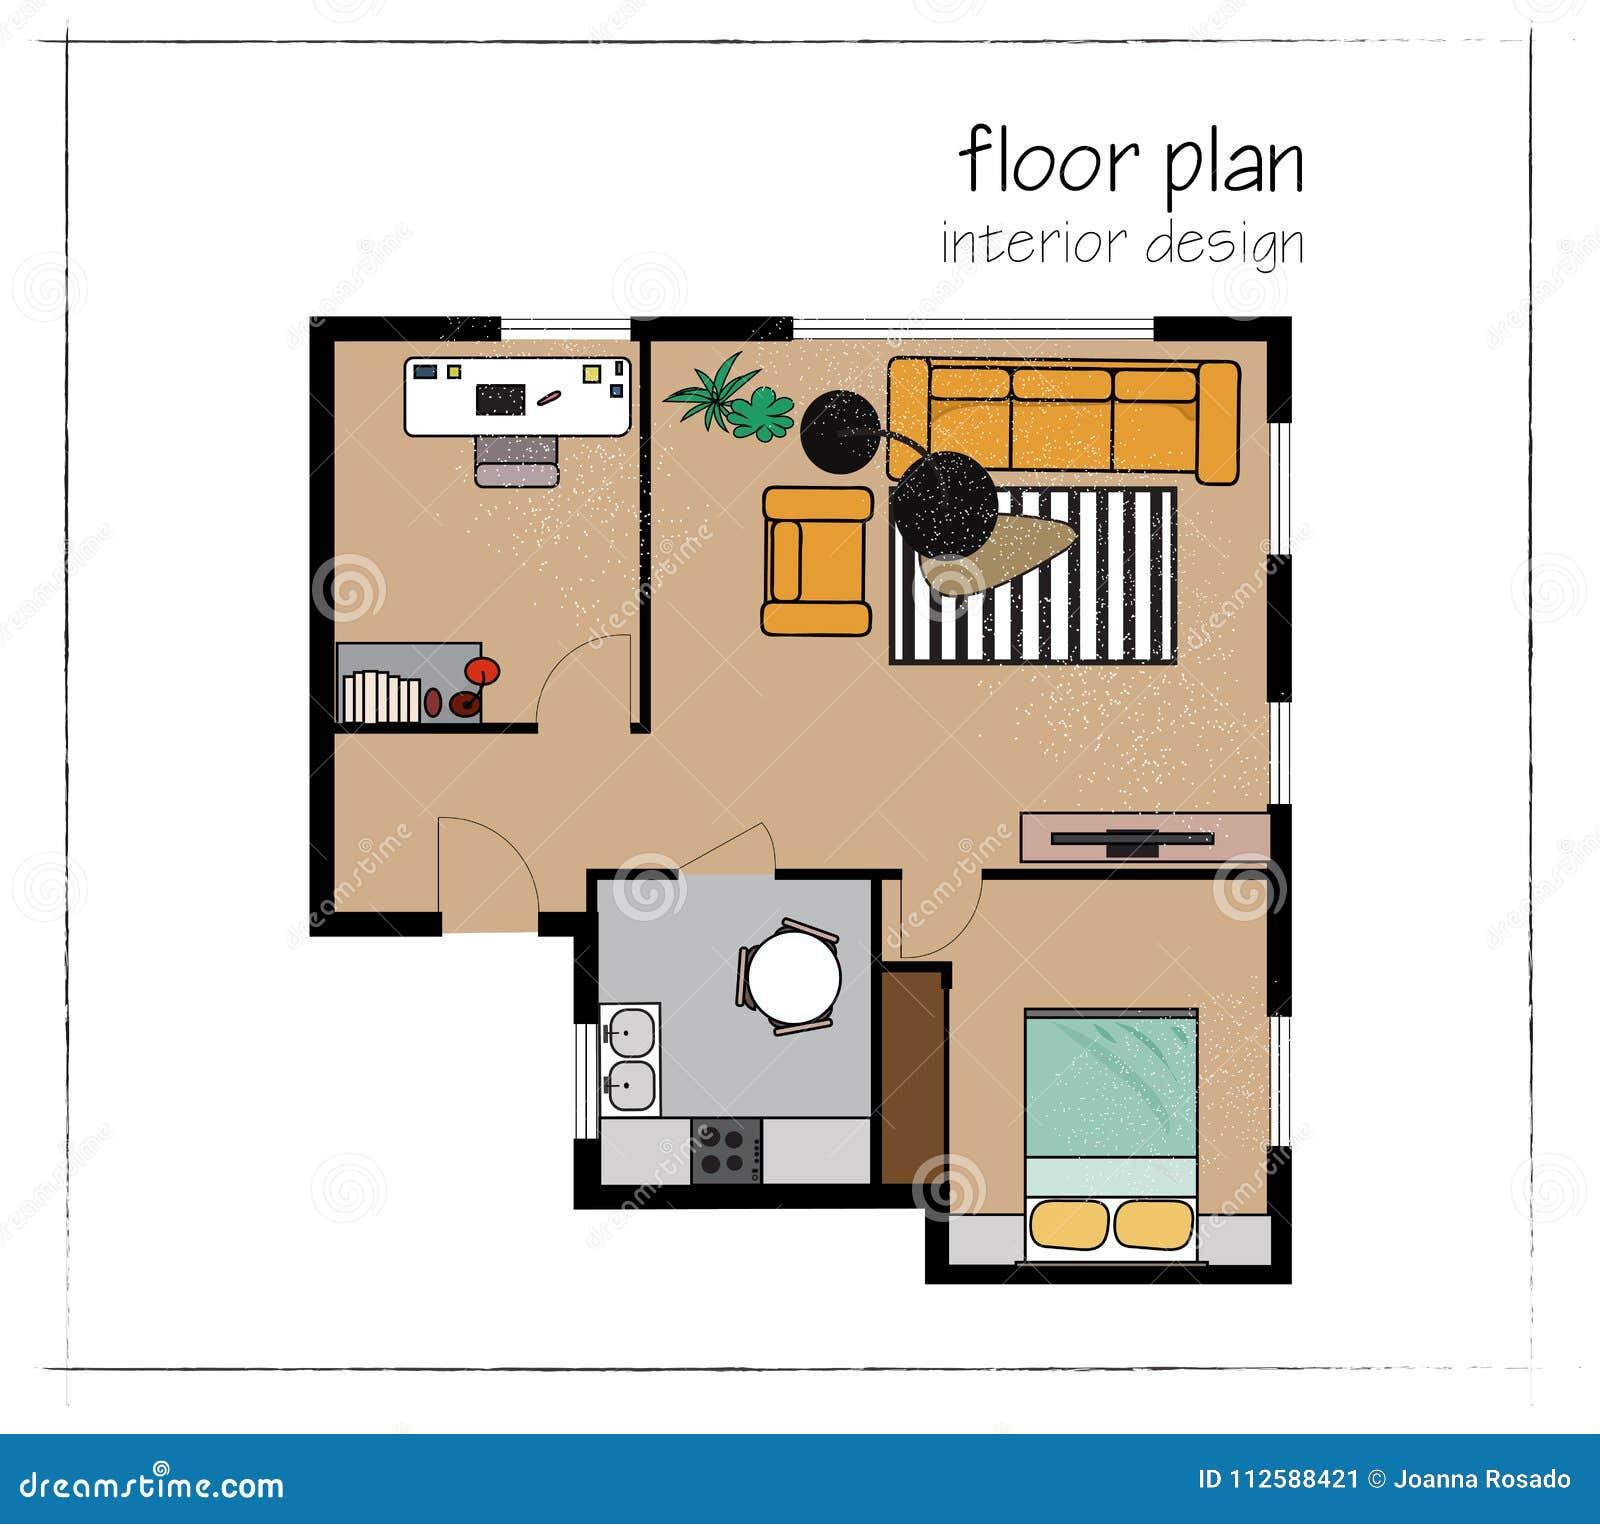 Planta baixa do design de interiores do vetor opini o superior da casa home elementos ajustados - Corso interior design on line ...